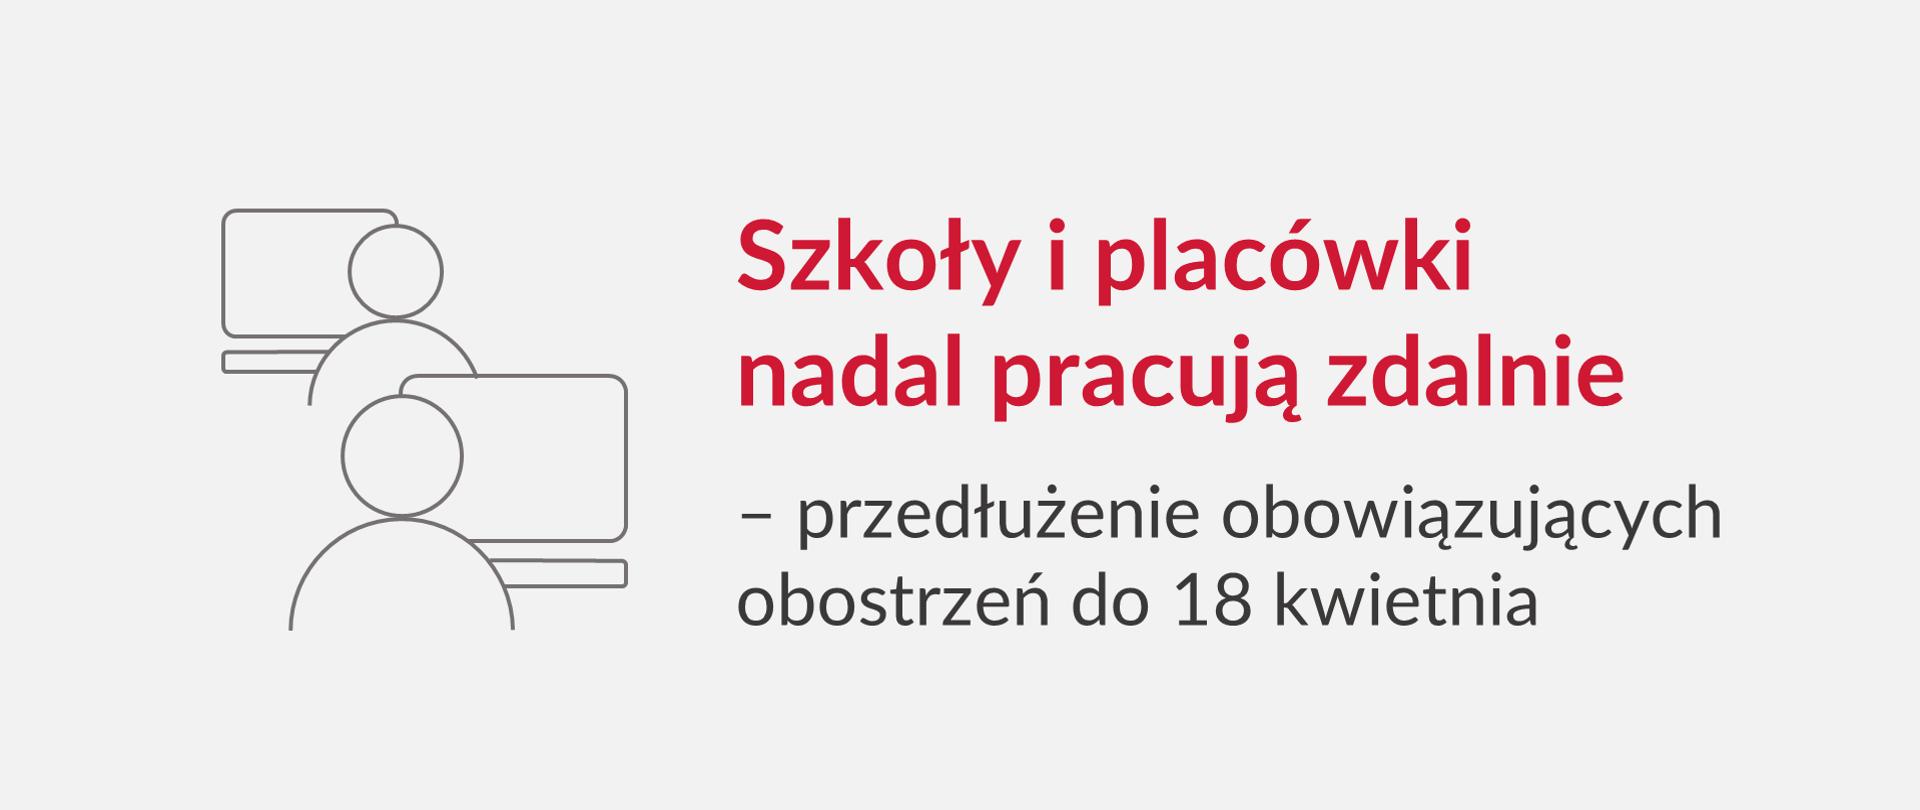 """Grafika z tekstem: """"Szkoły i placówki nadal pracują zdalnie – przedłużenie obowiązujących obostrzeń do 18 kwietnia"""""""